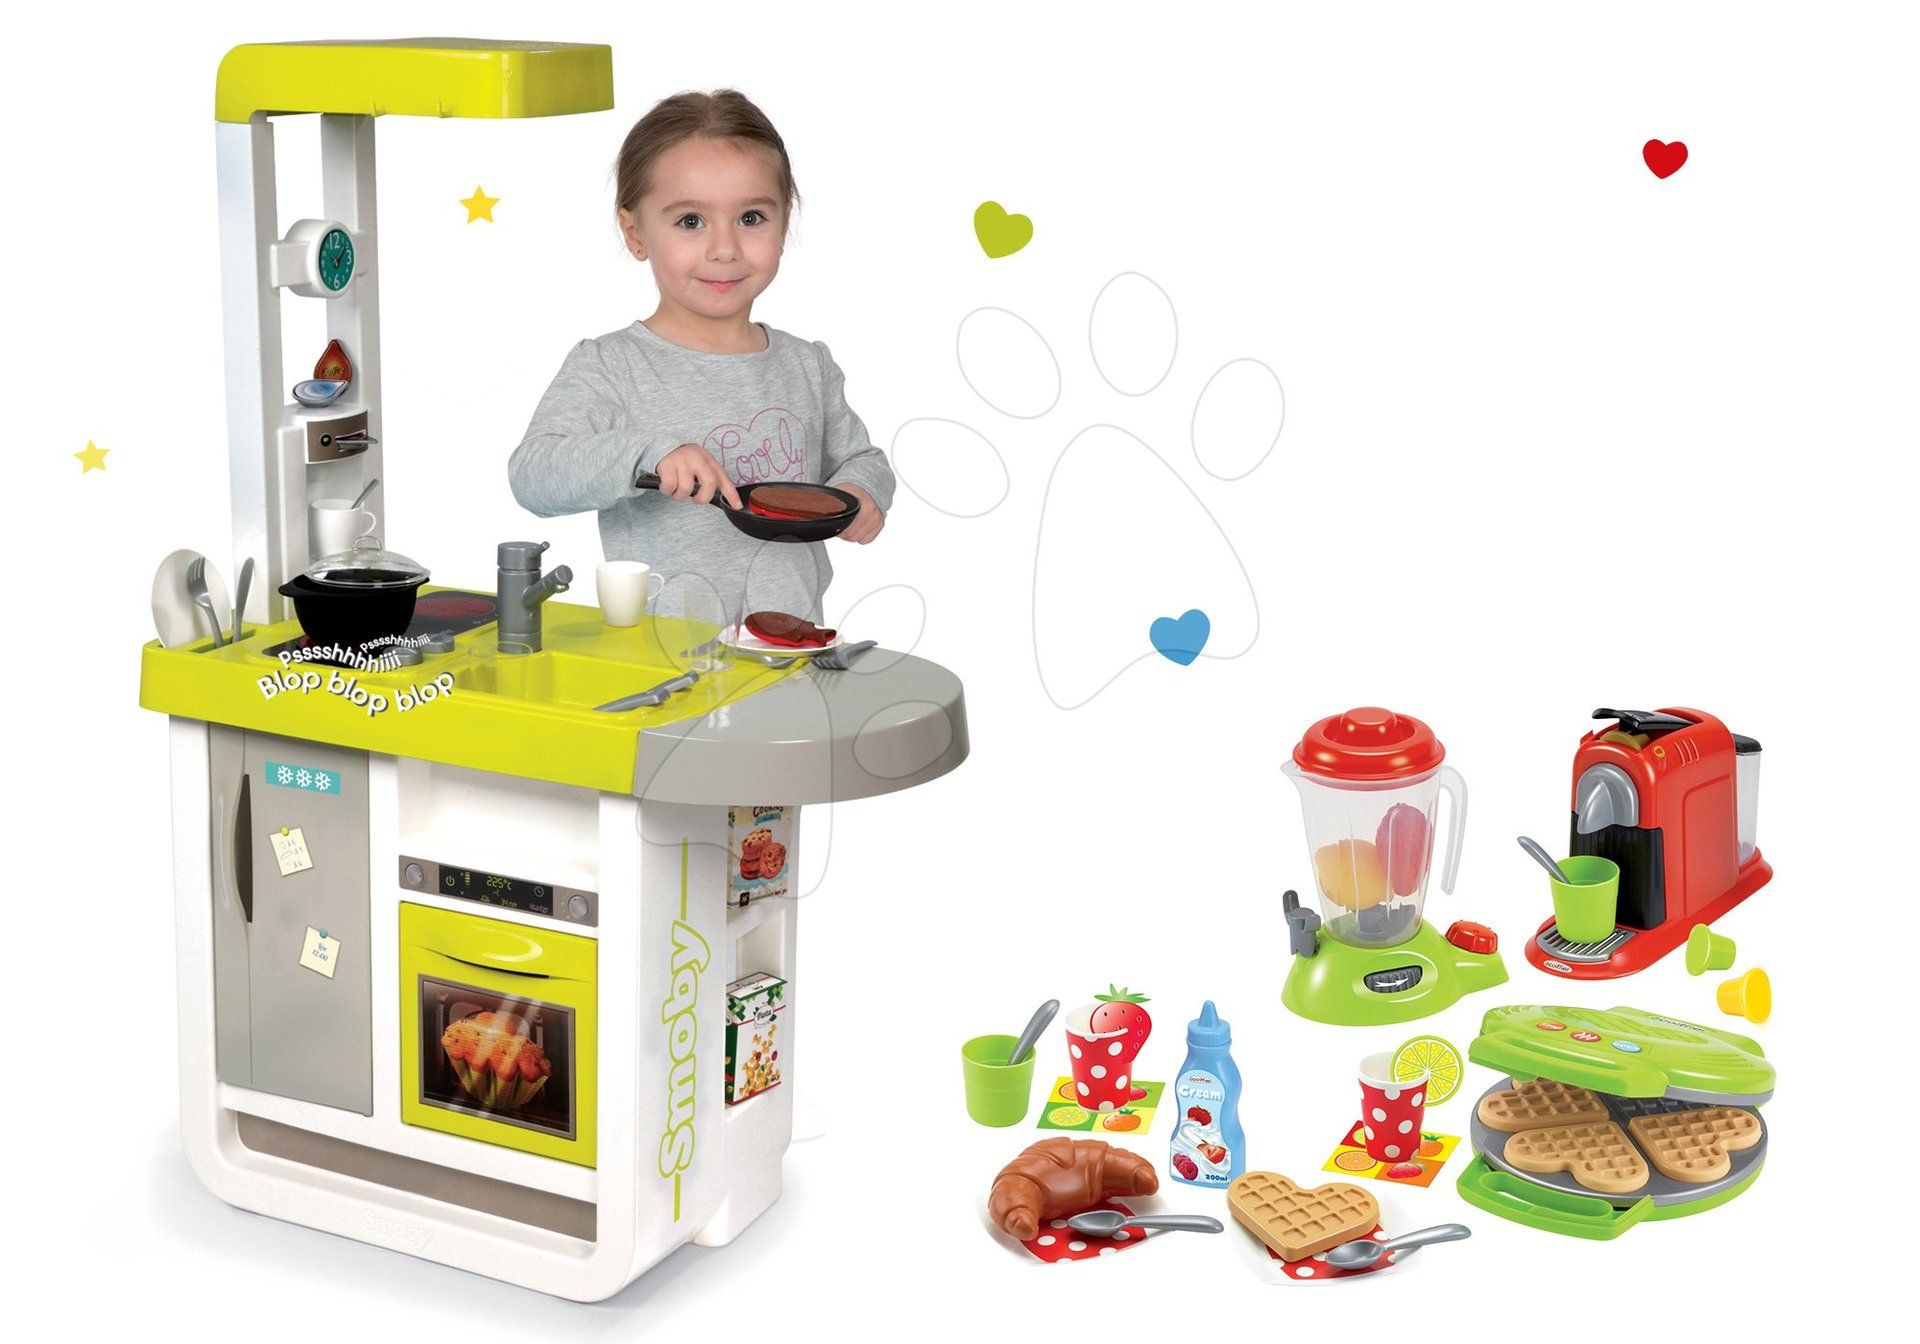 Smoby set kuchynka elektronická Cherry a vaflovač s mixérom, kávovarom a vaflami 310908-12